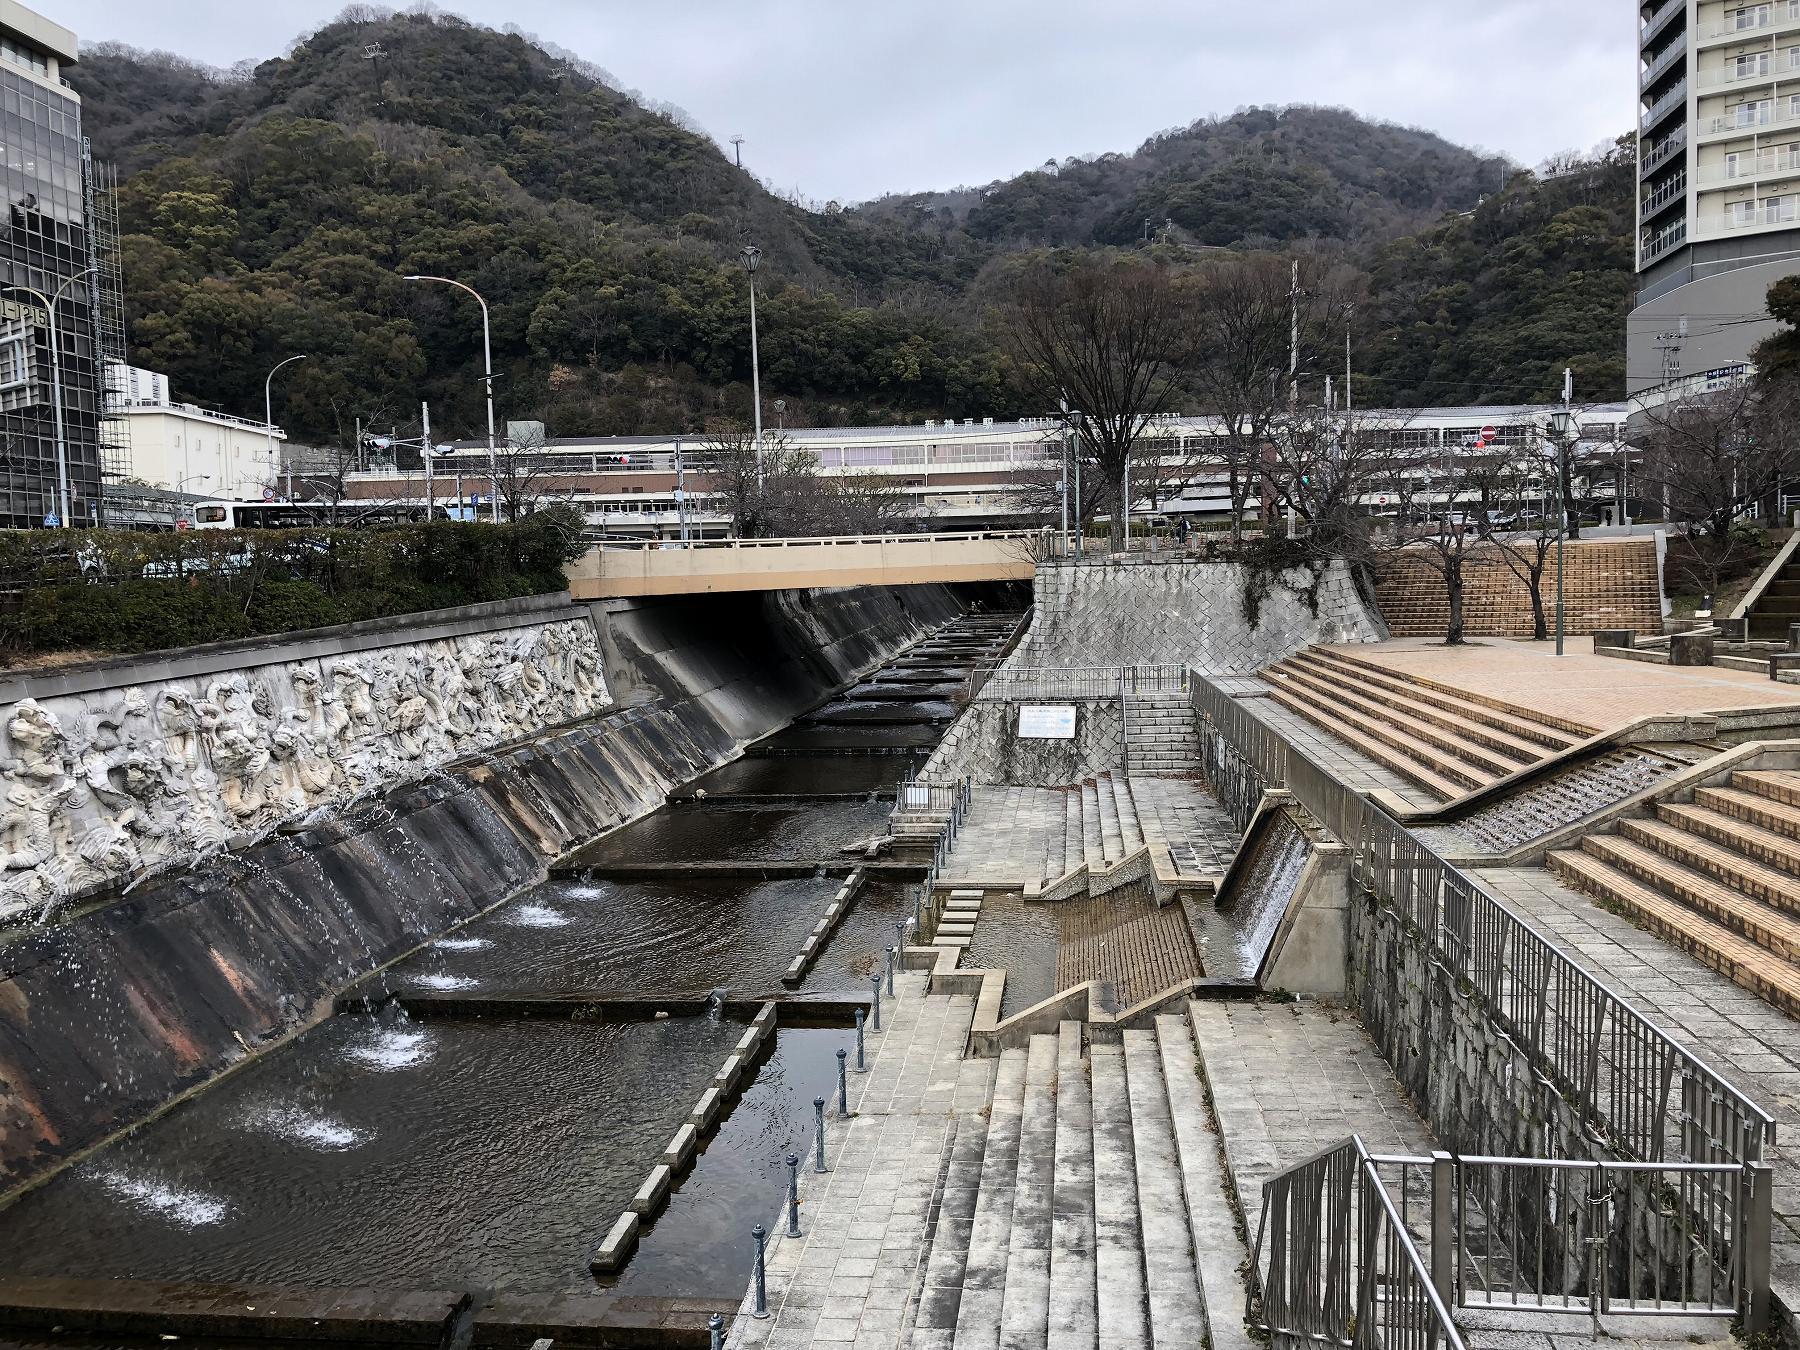 神戸・生田川沿いで2018年4月7日(土)「生田川さくらまつり」が開催されるよ!#生田川さくらまつり #お花見 #神戸市中央区